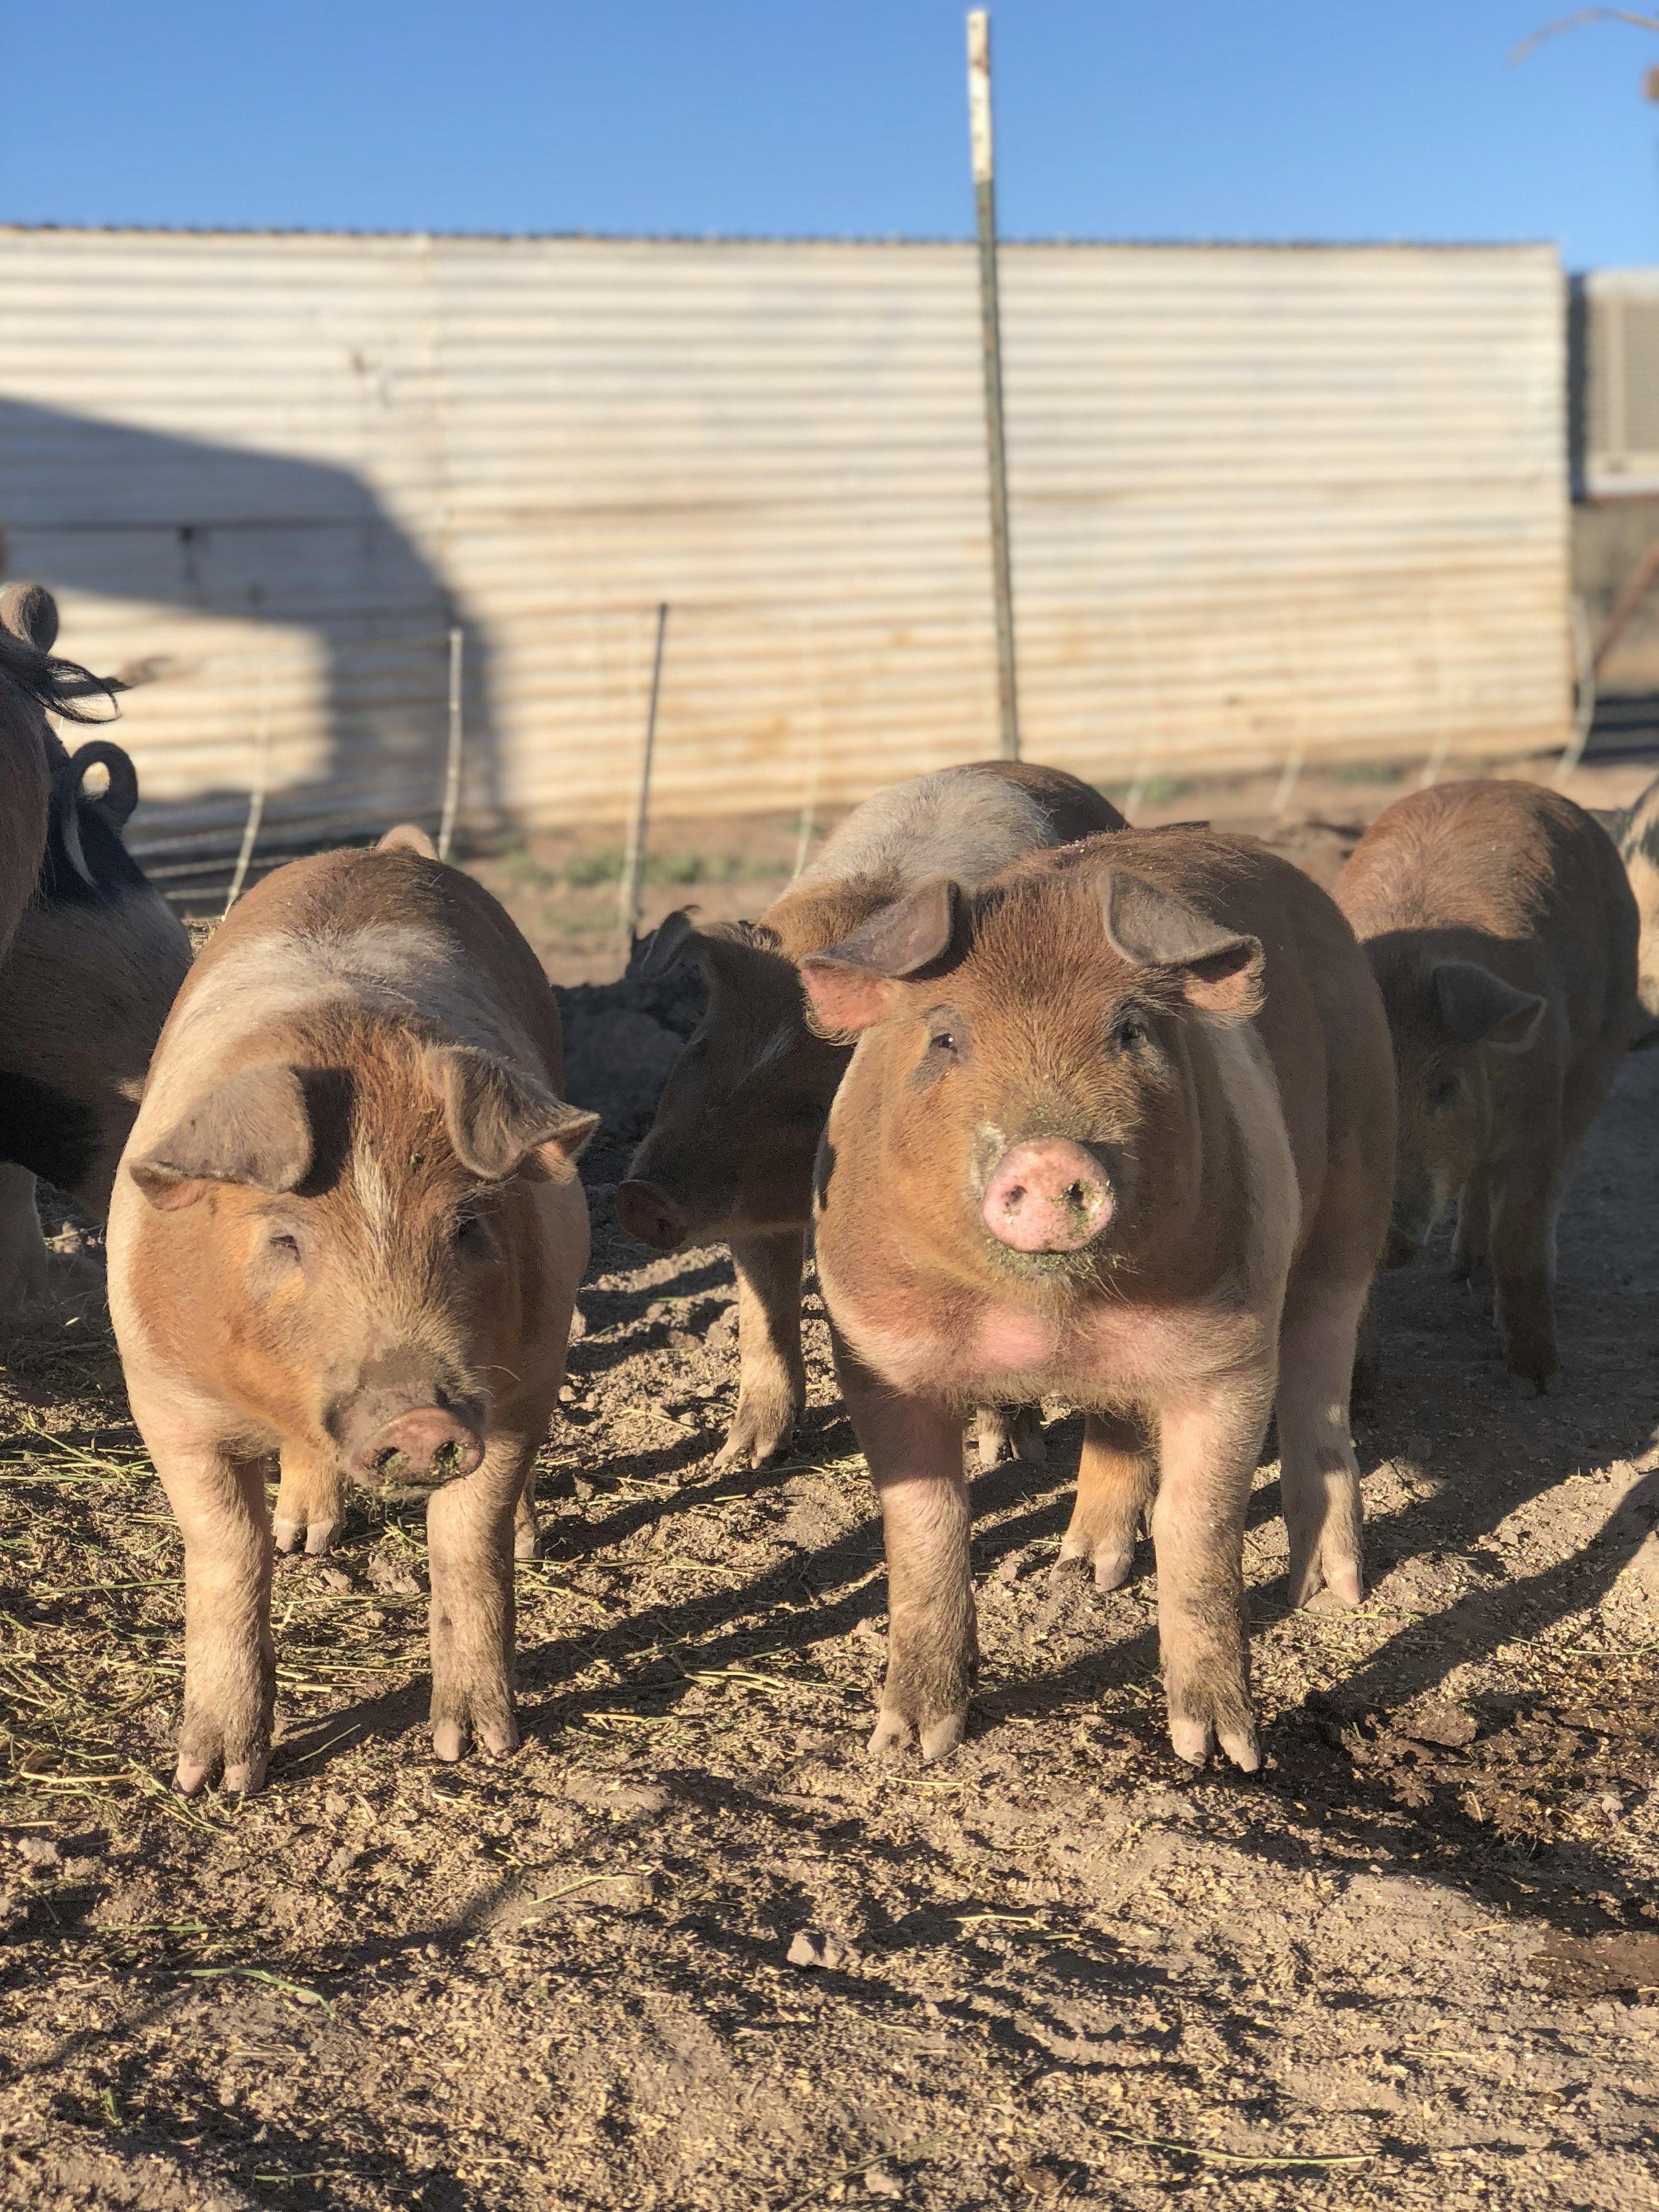 grower-pigs.JPG